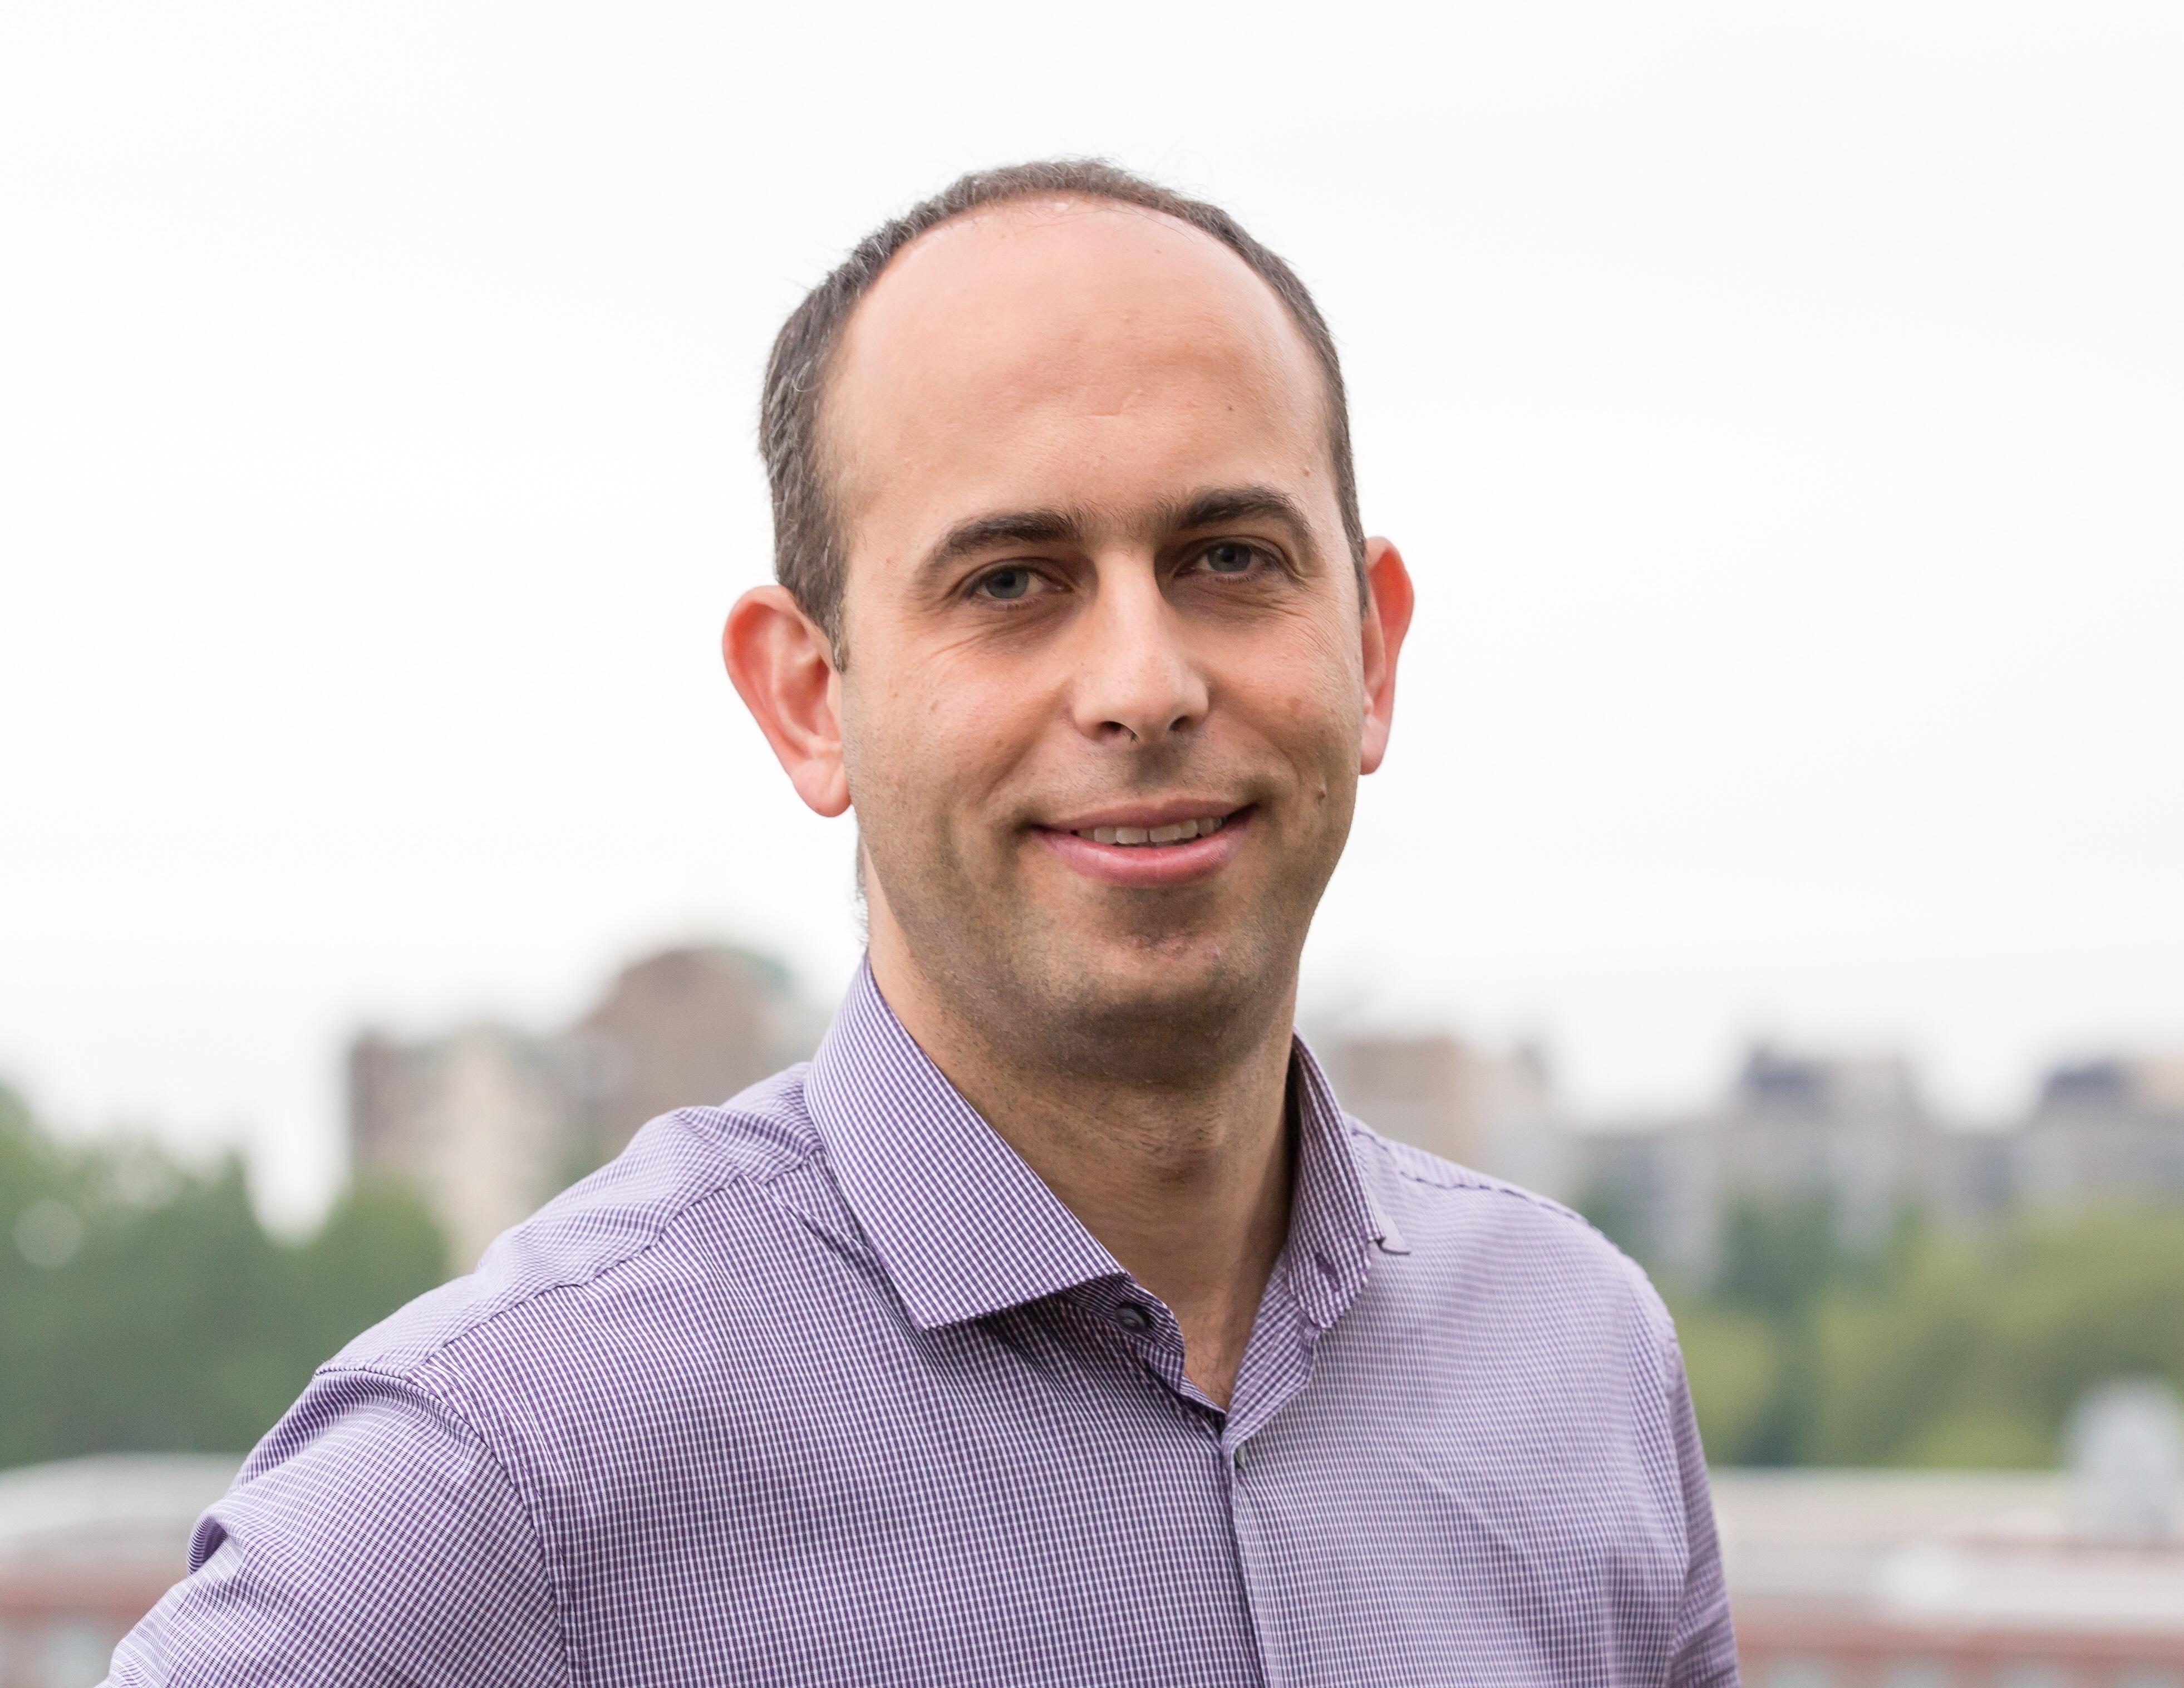 """באינדקס רופאים ד""""ר שאדי סעדיה מומחה בכירורגיה אורתופדית   אינדקס הרופאים של ישראל"""